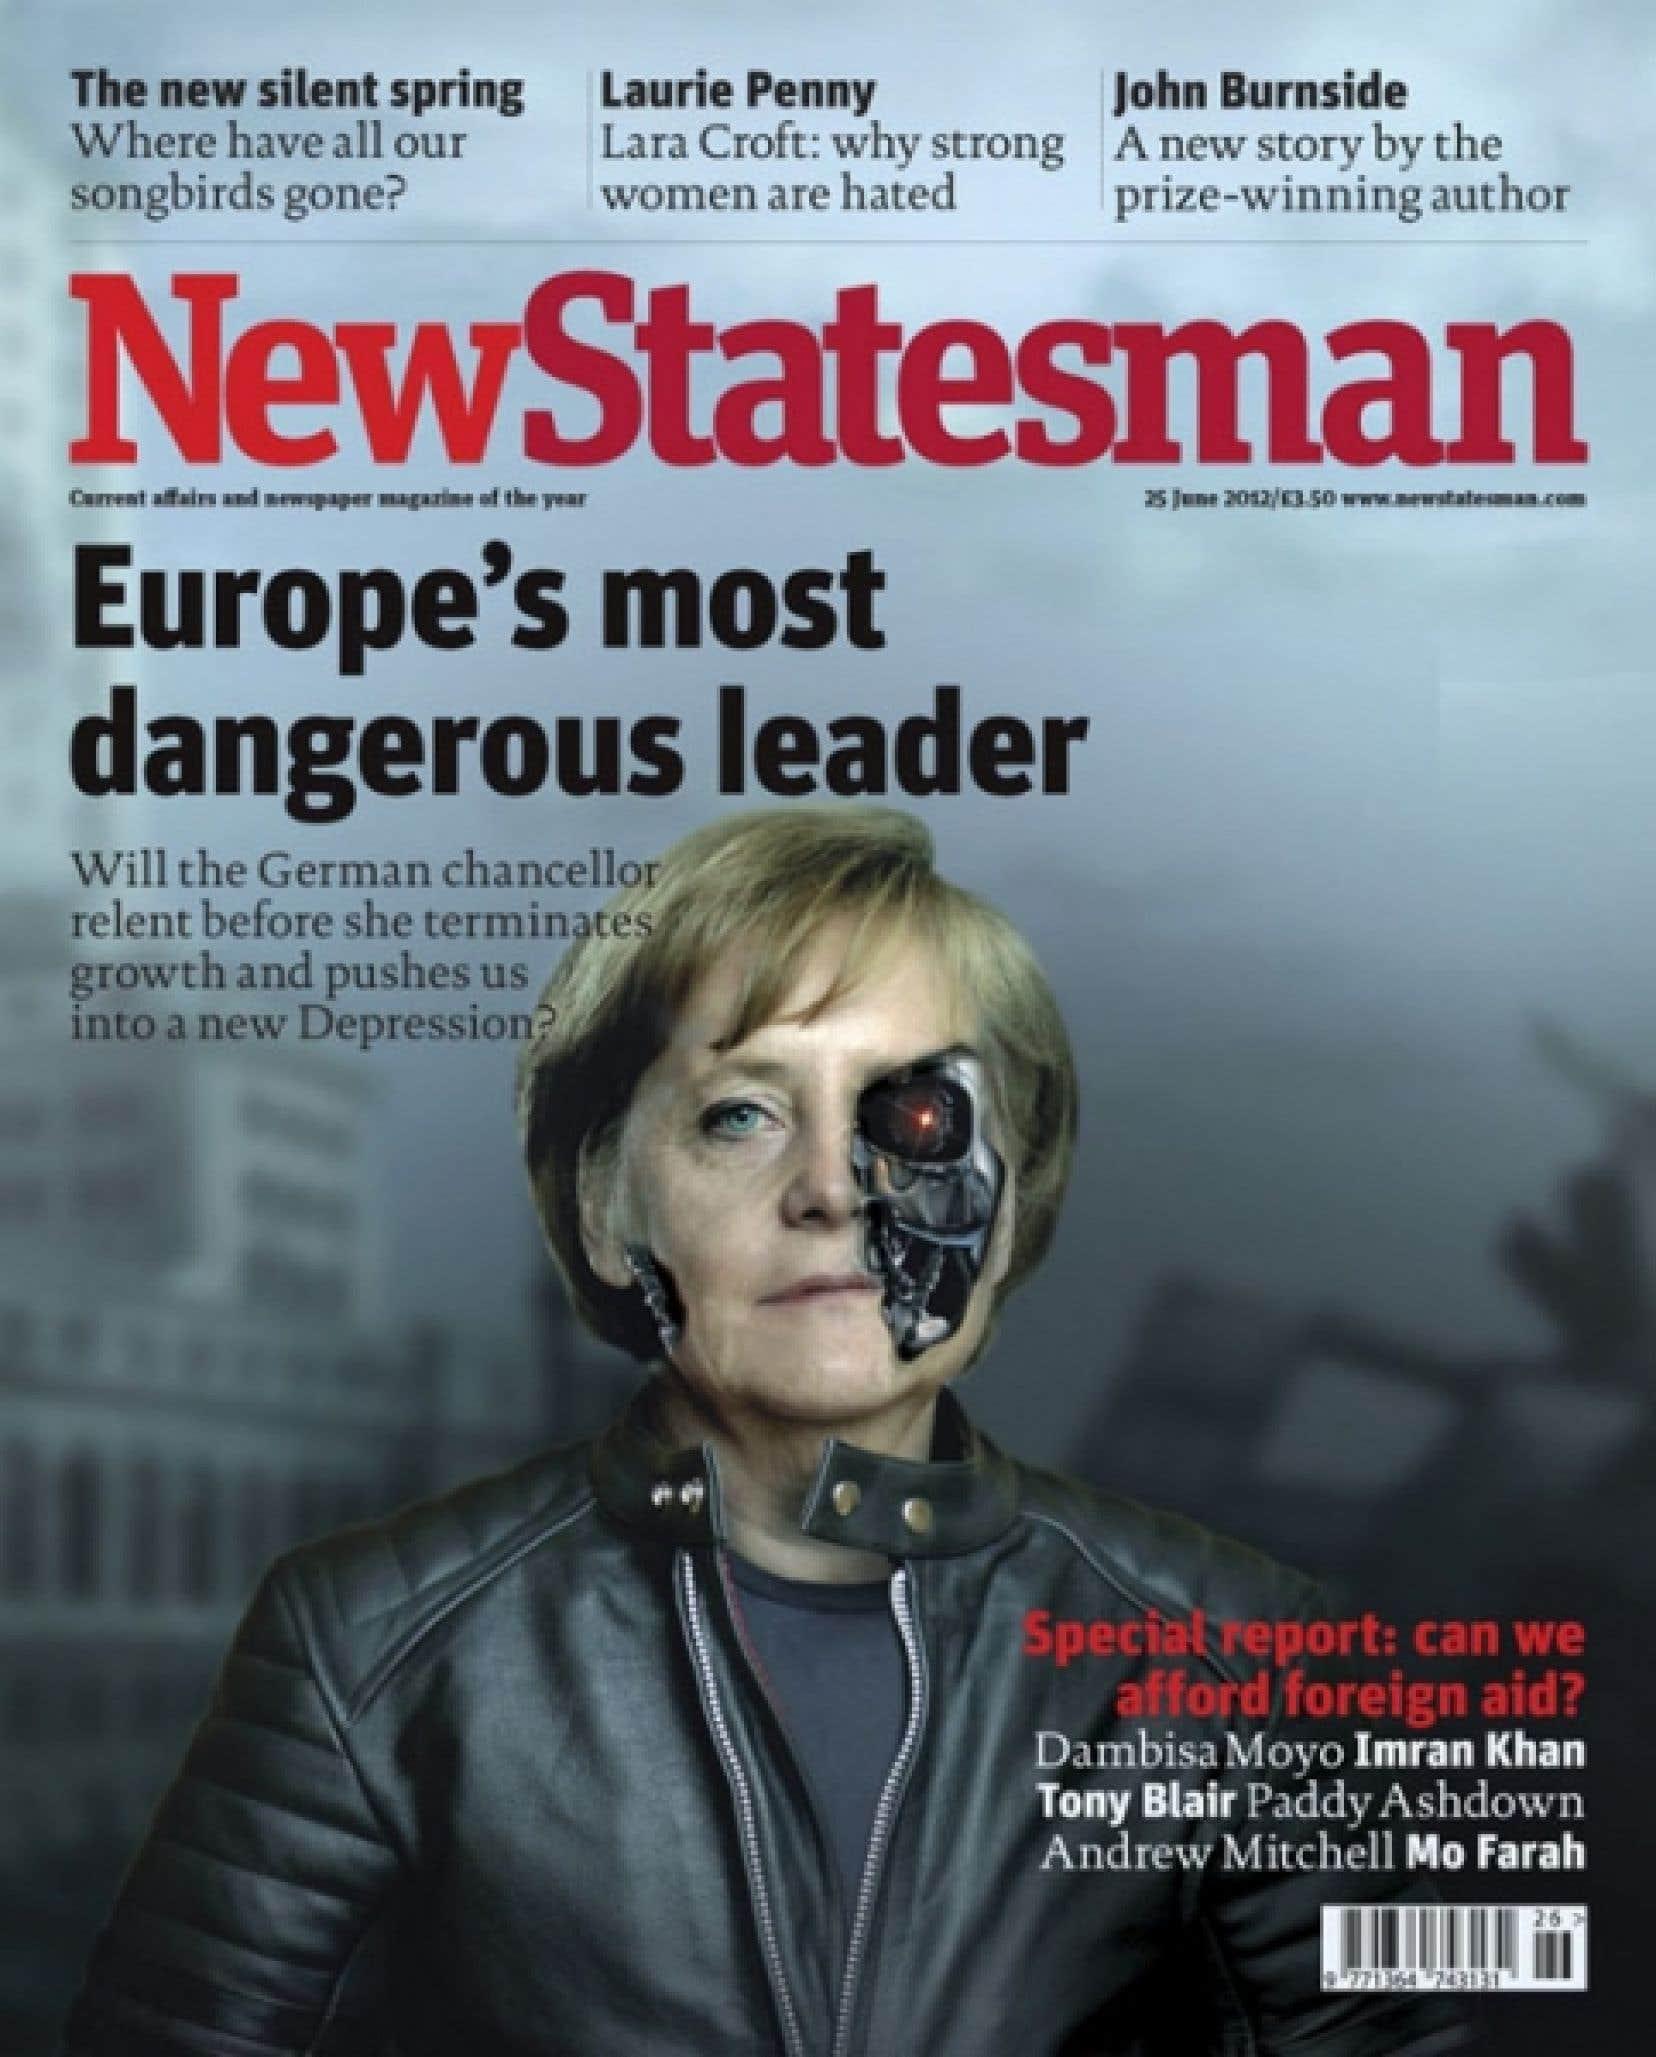 Les journaux et périodiques ne se gênent pas pour critiquer la position rigide qu'a adoptée jusqu'ici Angela Merkel, comme en fait foi cette première page de NewStatesman.